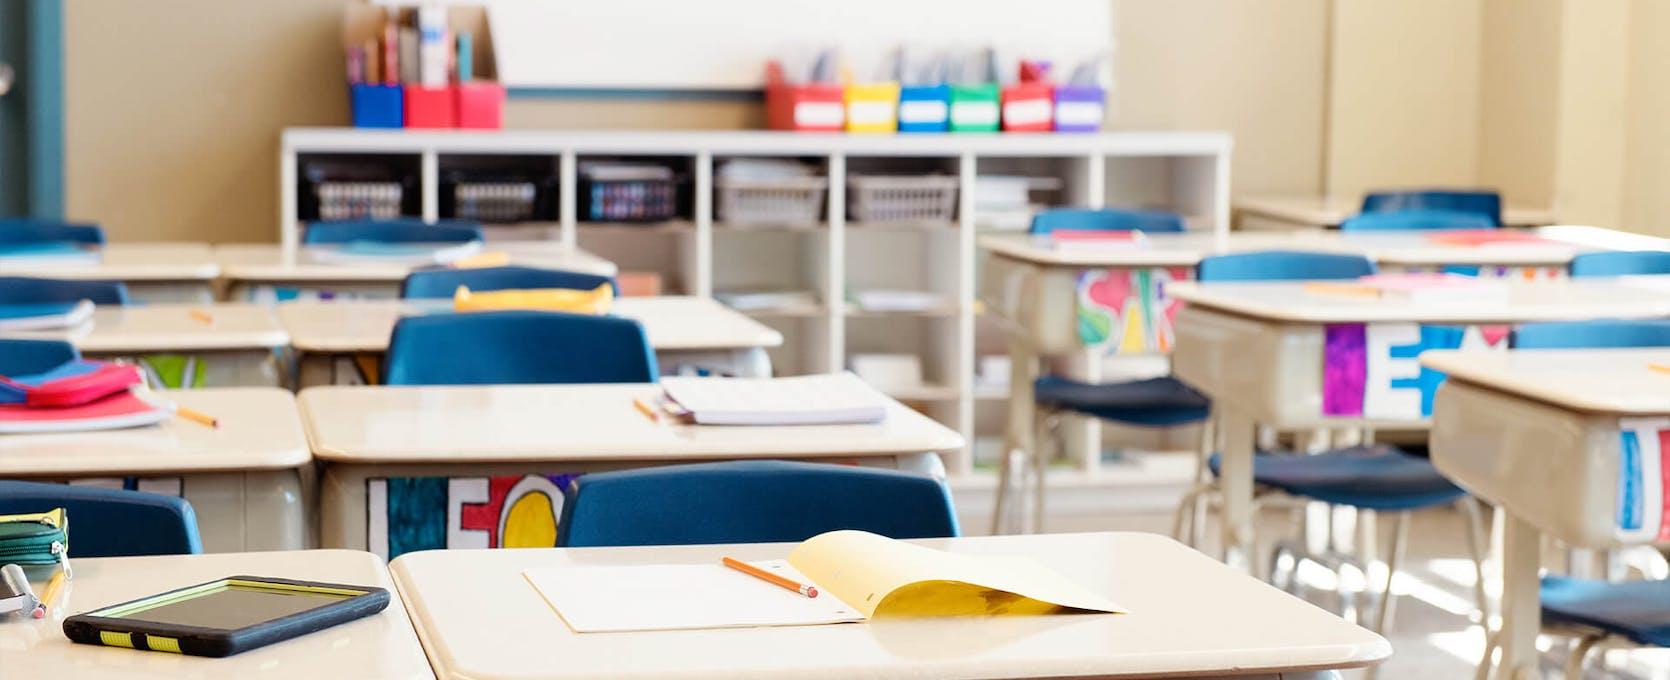 Empty desks in elementary school classroom